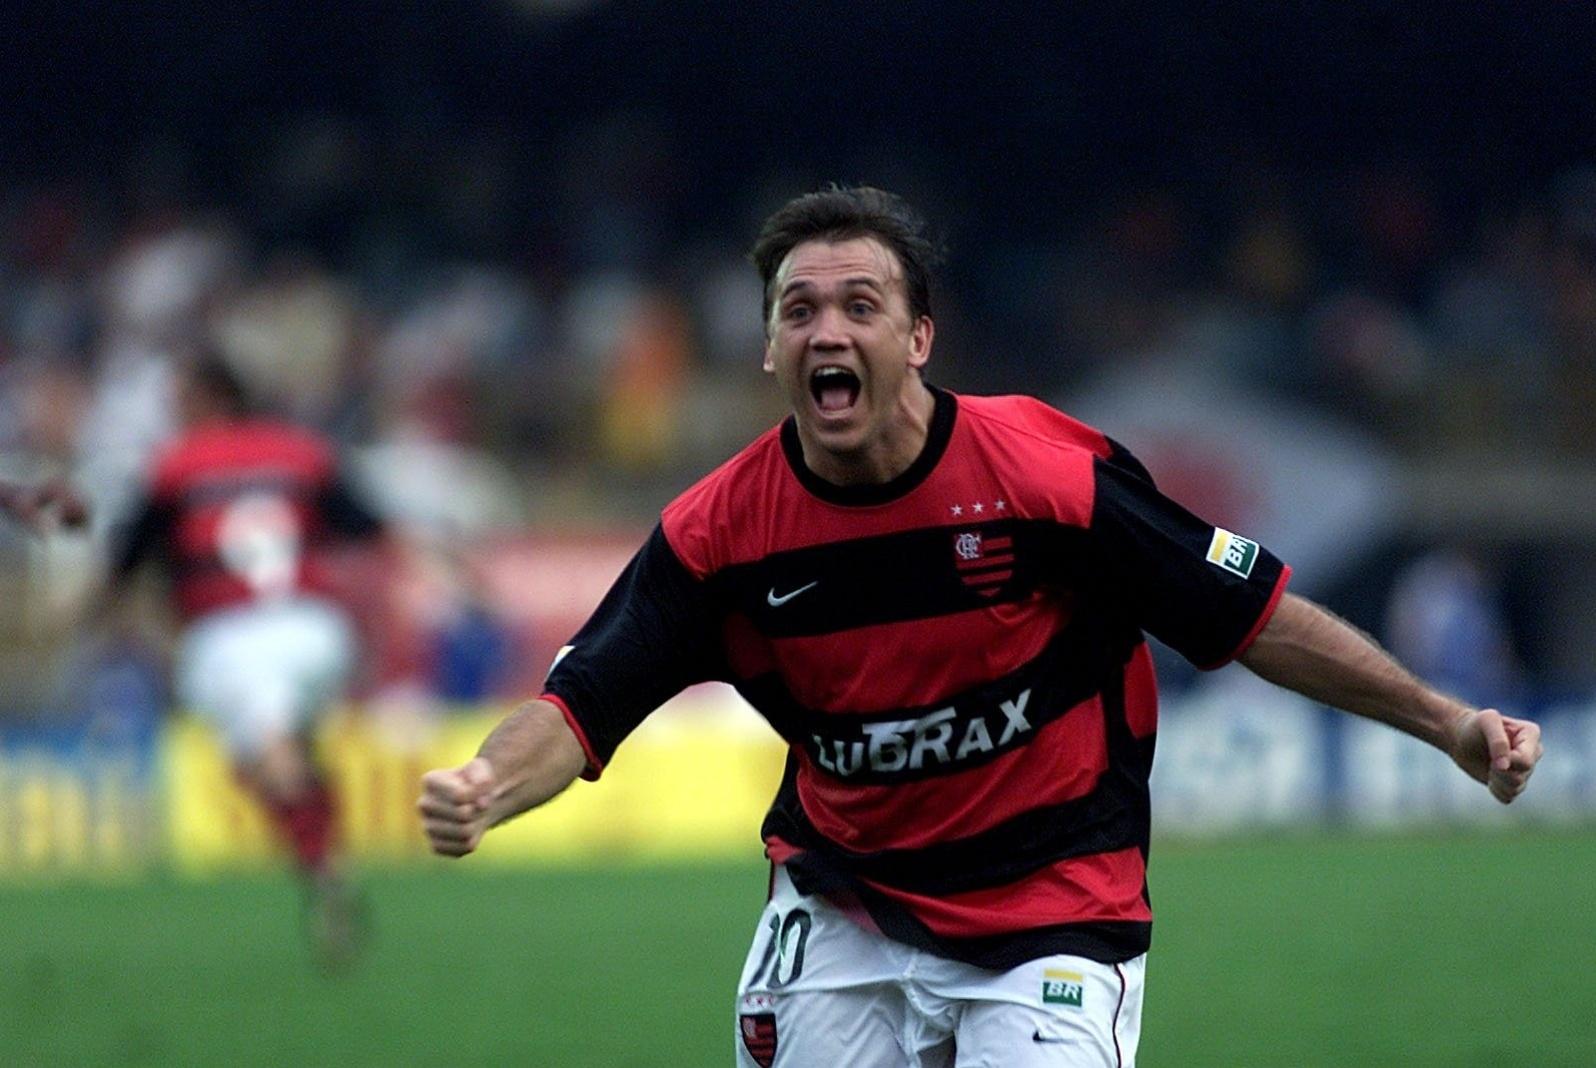 Gol épico de Pet pelo Flamengo contra o Vasco completa 14 anos - Esporte -  BOL 29a5cf99d48fe